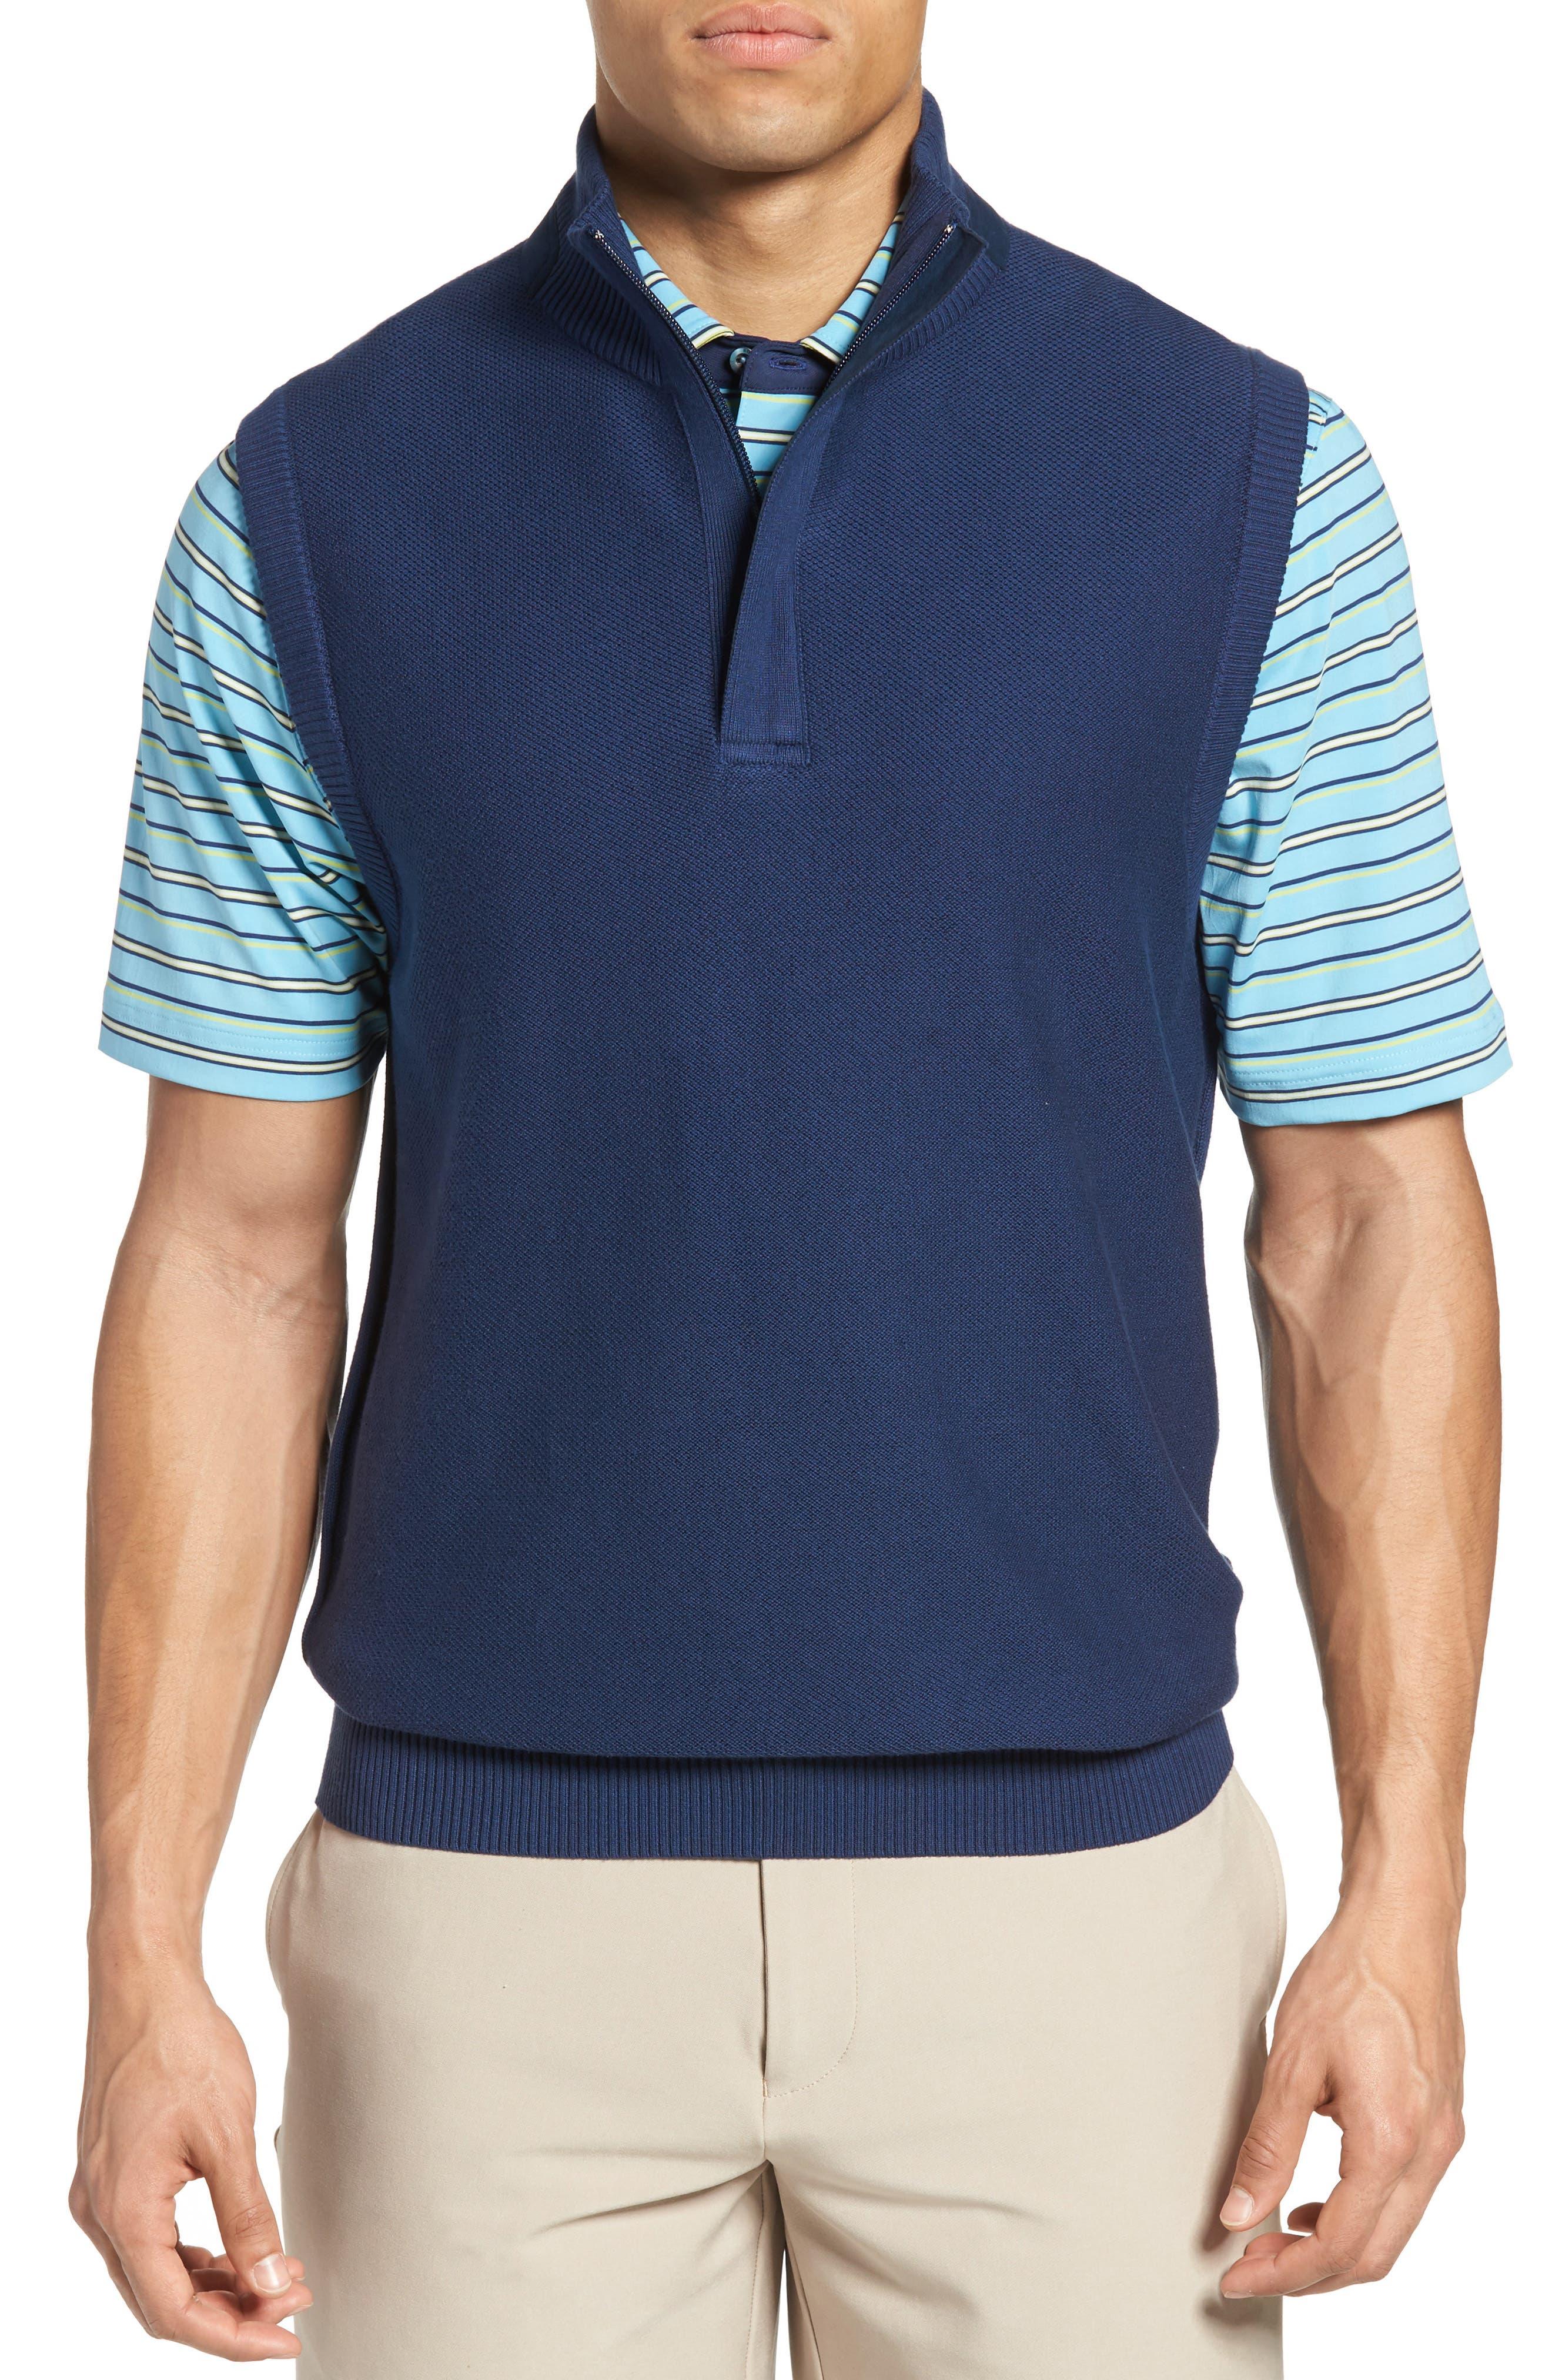 Bobby Jones Piqué Jersey Quarter Zip Golf Vest